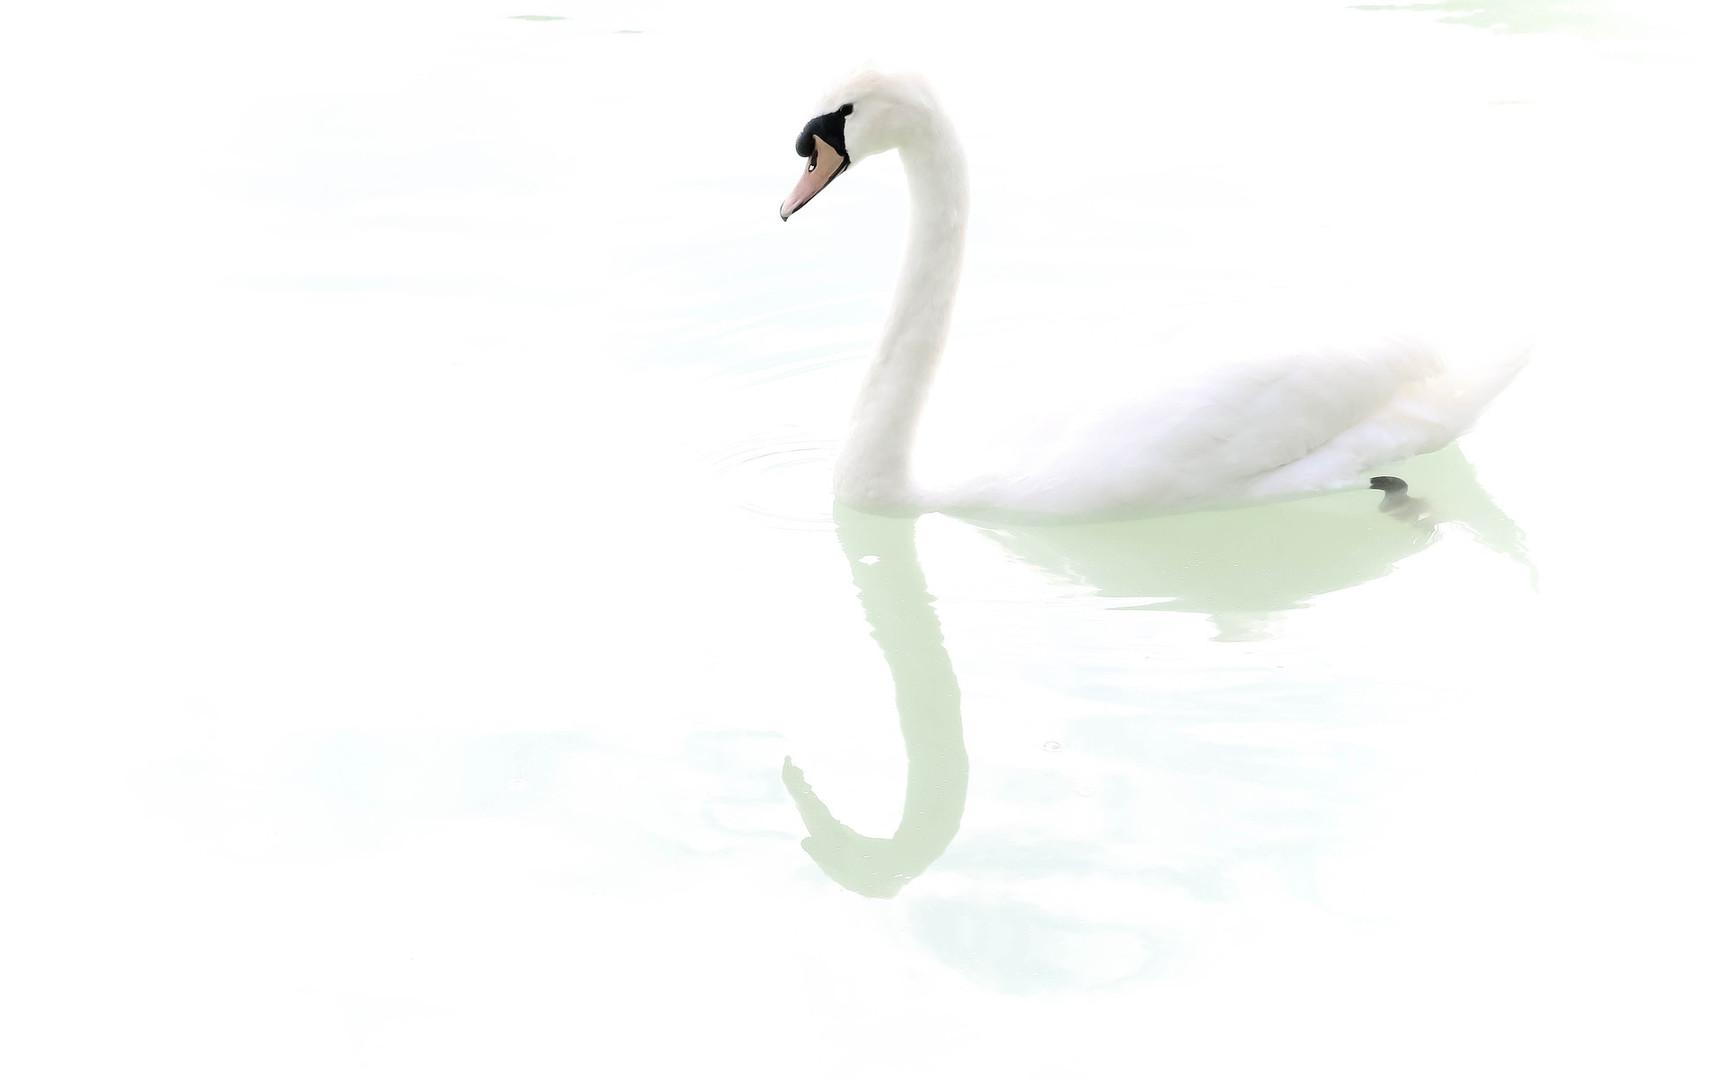 swan-5265681_1920.jpg